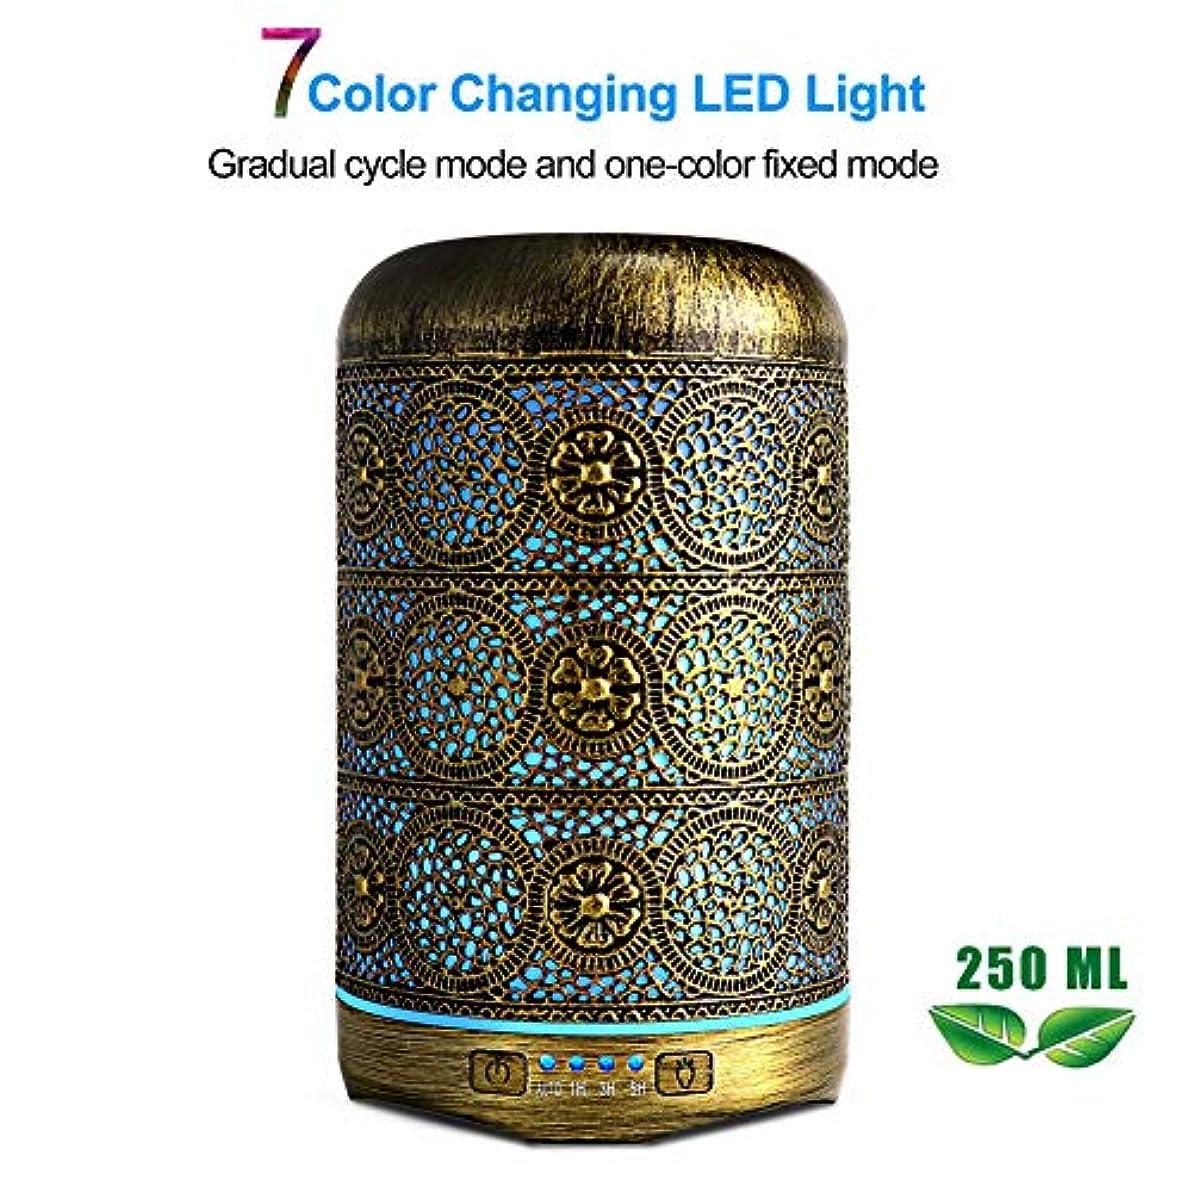 バッテリーぬるいマサッチョ250mlエッセンシャルオイルディフューザーアロマディフューザー、4色のオイルディフューザー加湿器を備えた7色のナイトライトと自動シャットオフ